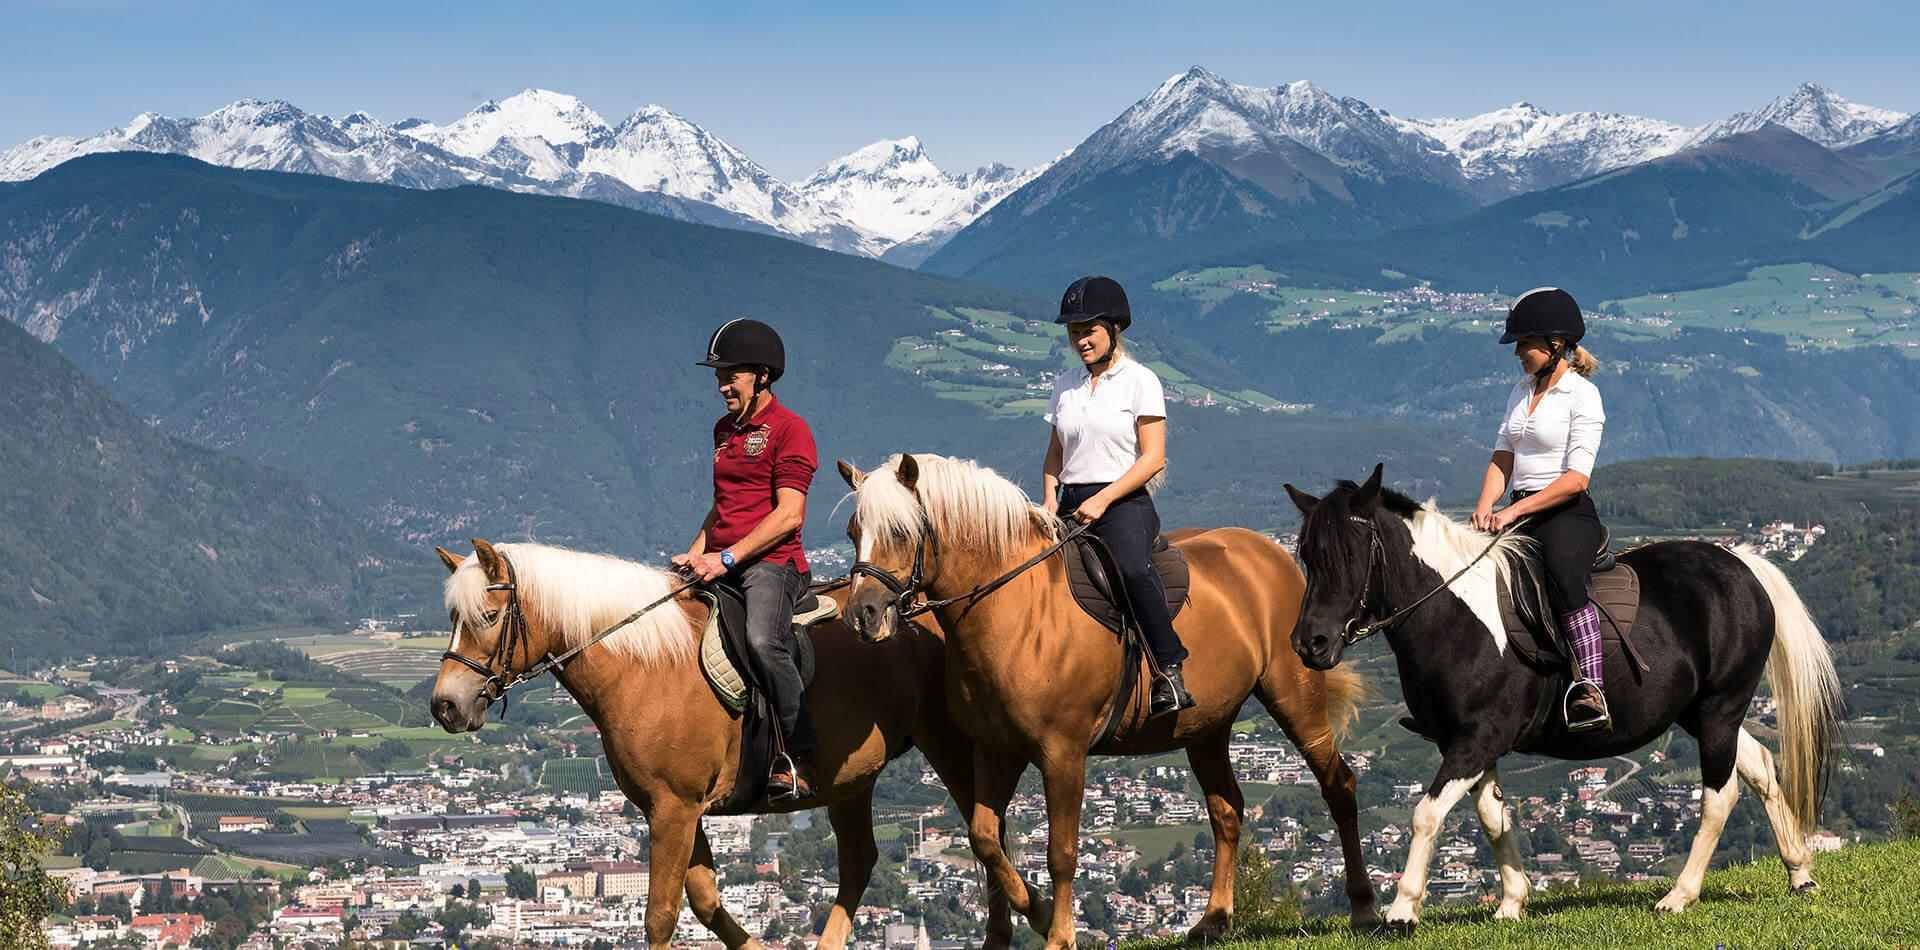 Urlaub in Südtirol | Ferien auf dem Bauernhof im Eisacktal